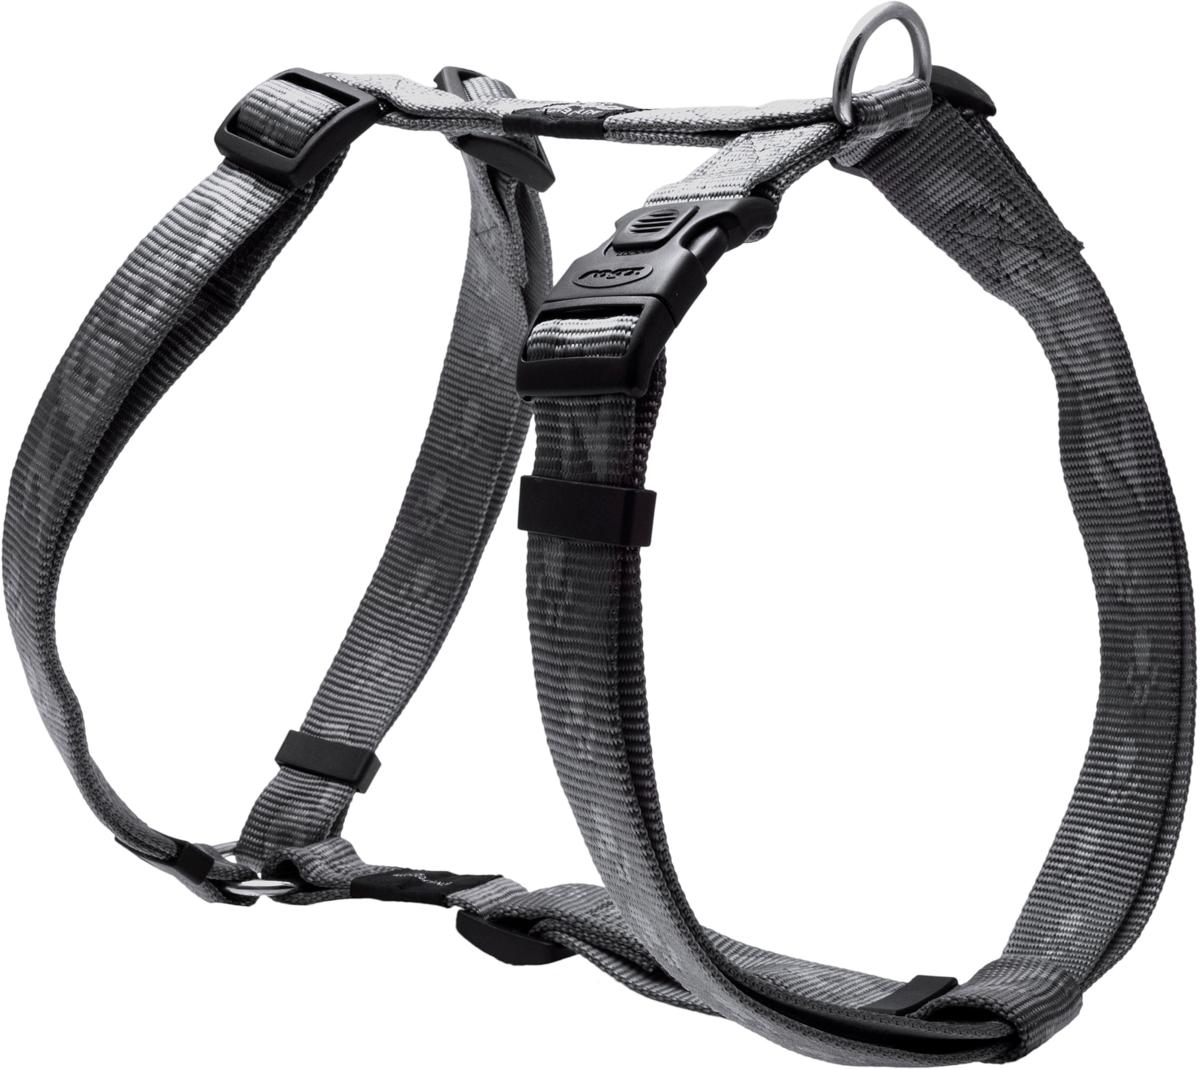 Шлейка для собак Rogz Alpinist, цвет: серый, ширина 2,5 см. Размер XLSJ27LОсобо мягкая, но очень прочная шлейка для собак Rogz Alpinist обеспечит безопасность на прогулке даже самым активным собакам.Все соединения деталей имеют специальную дополнительную строчку для большей прочности.Специальная конструкция пряжки Rog Loc - очень крепкая (система Fort Knox). Замок может быть расстегнут только рукой человека. Технология распределения нагрузки позволяет снизить нагрузку на пряжки, изготовленные из титанового пластика, с помощью правильного и разумного расположения грузовых колец, благодаря чему, даже при самых сильных рывках, изделие не рвется и не деформируется.Выполненные специально по заказу Rogz литые кольца гальванически хромированы, что позволяет избежать коррозии и потускнения изделия.